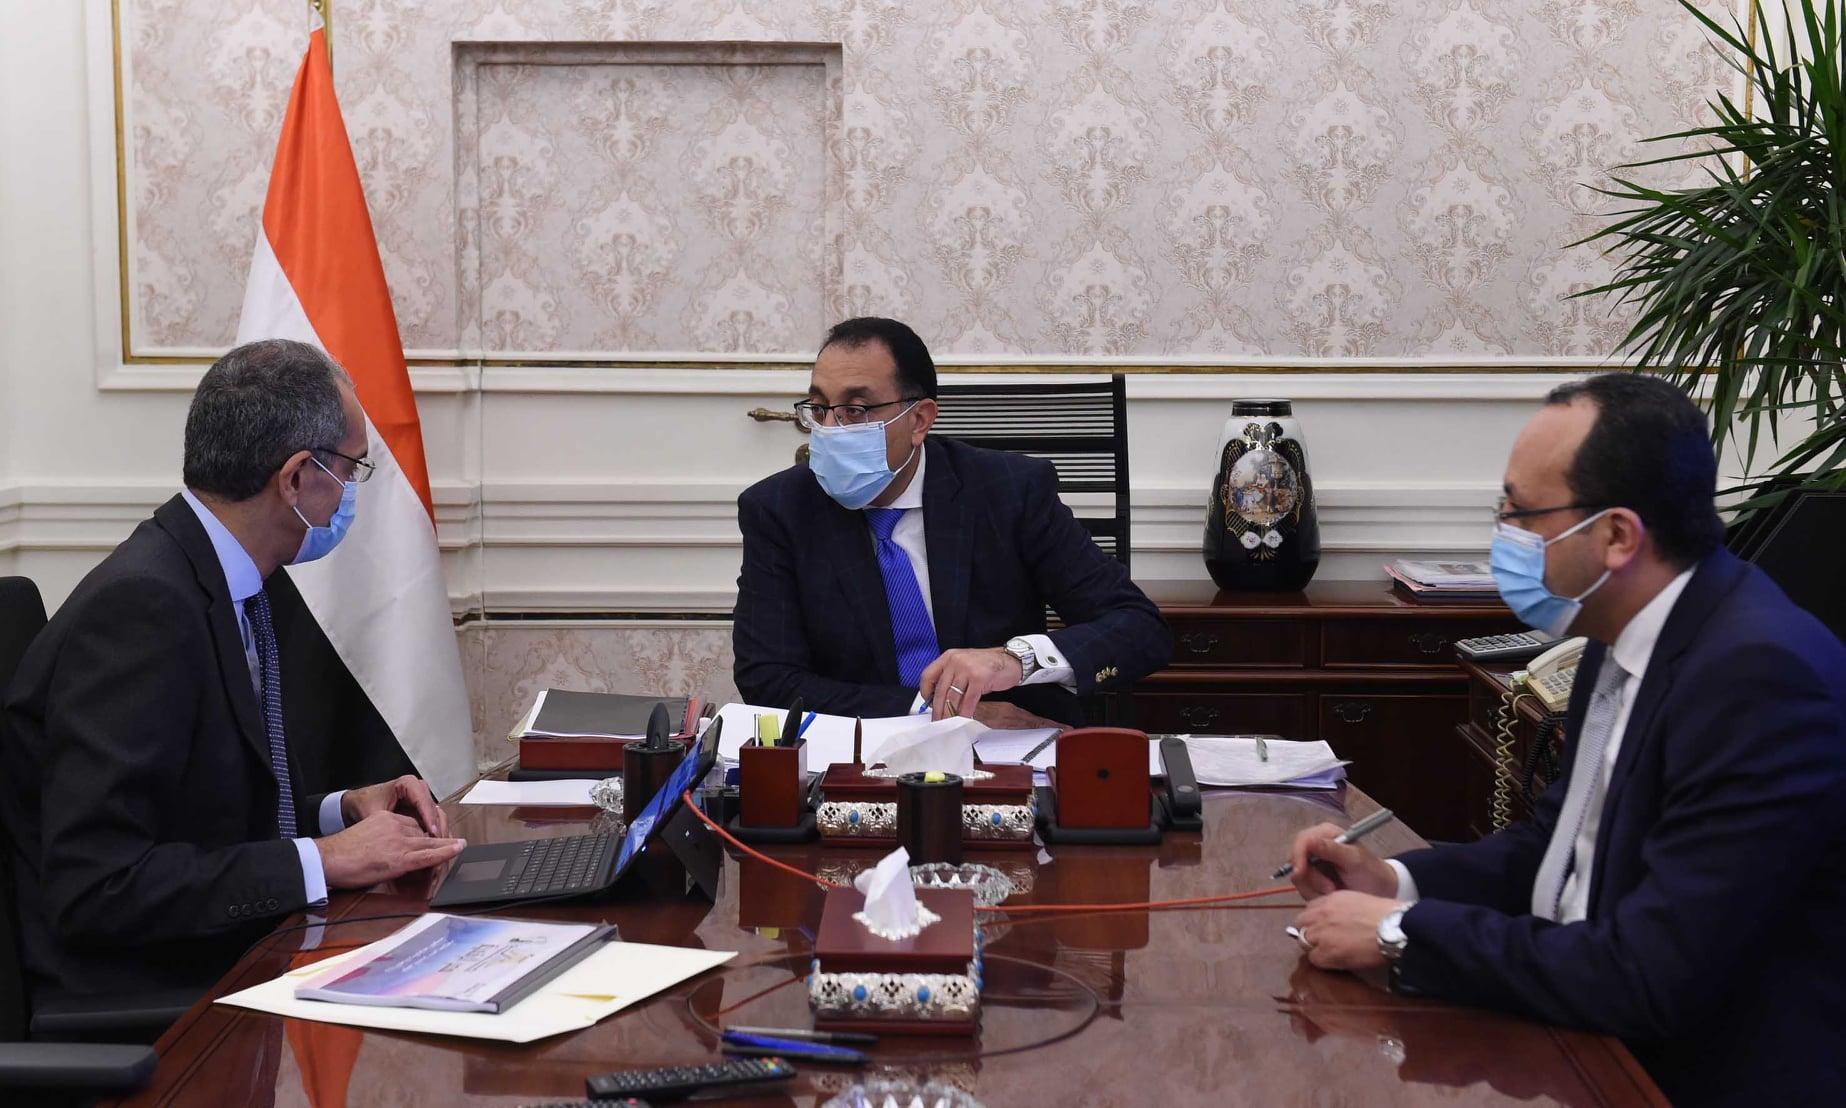 صور | رئيس الوزراء يتابع مع وزير الاتصالات ملفات عمل الوزارة